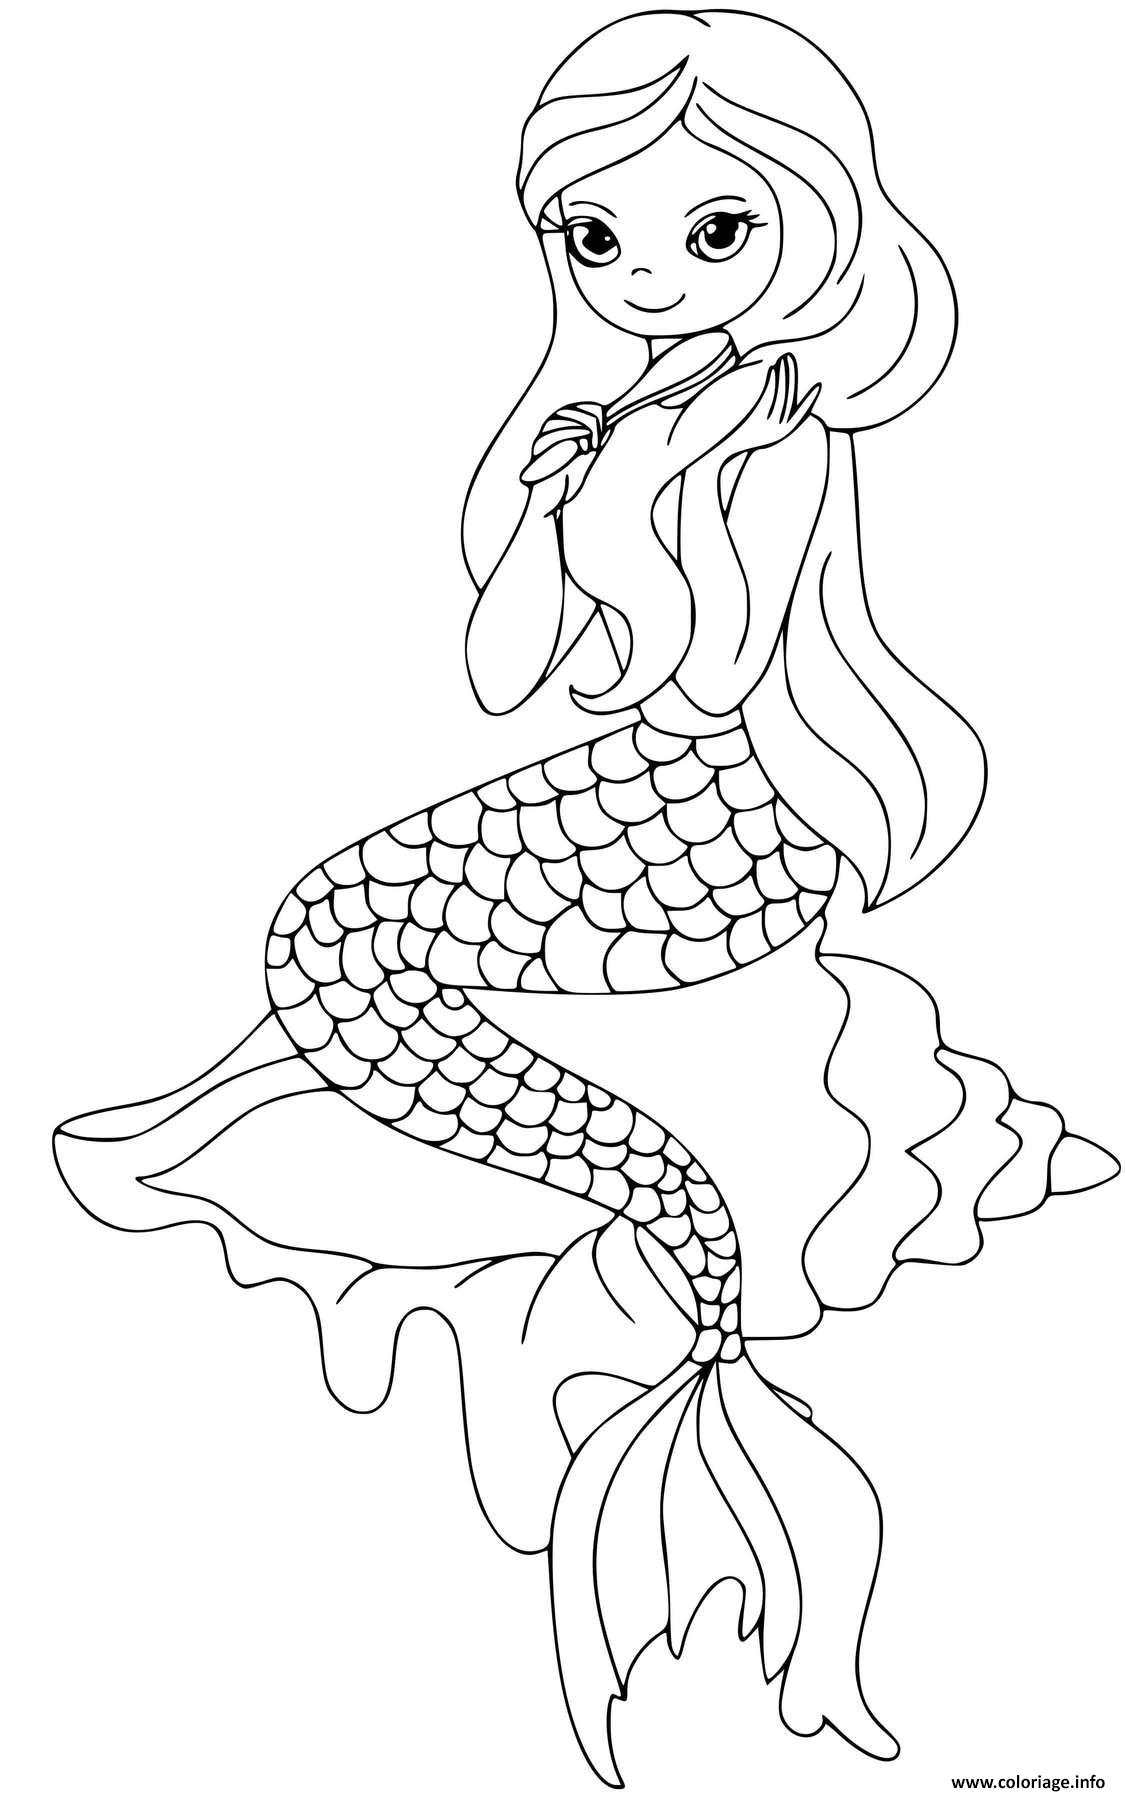 Dessin Une jolie sirene qui se brosse les cheveux Coloriage Gratuit à Imprimer